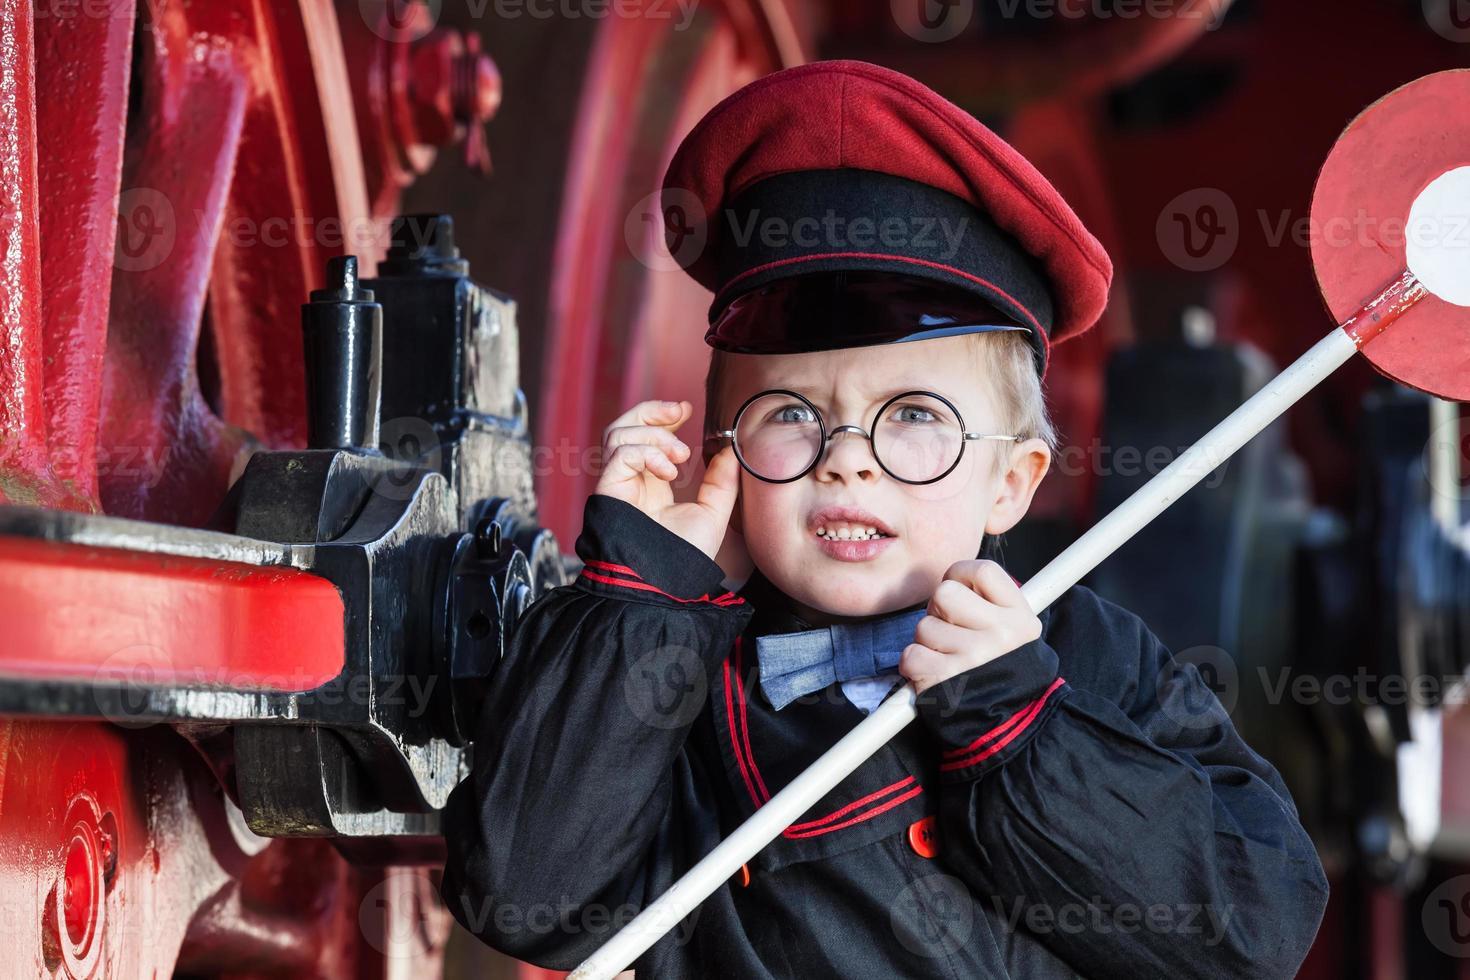 sconvolto piccolo conduttore ferroviario foto